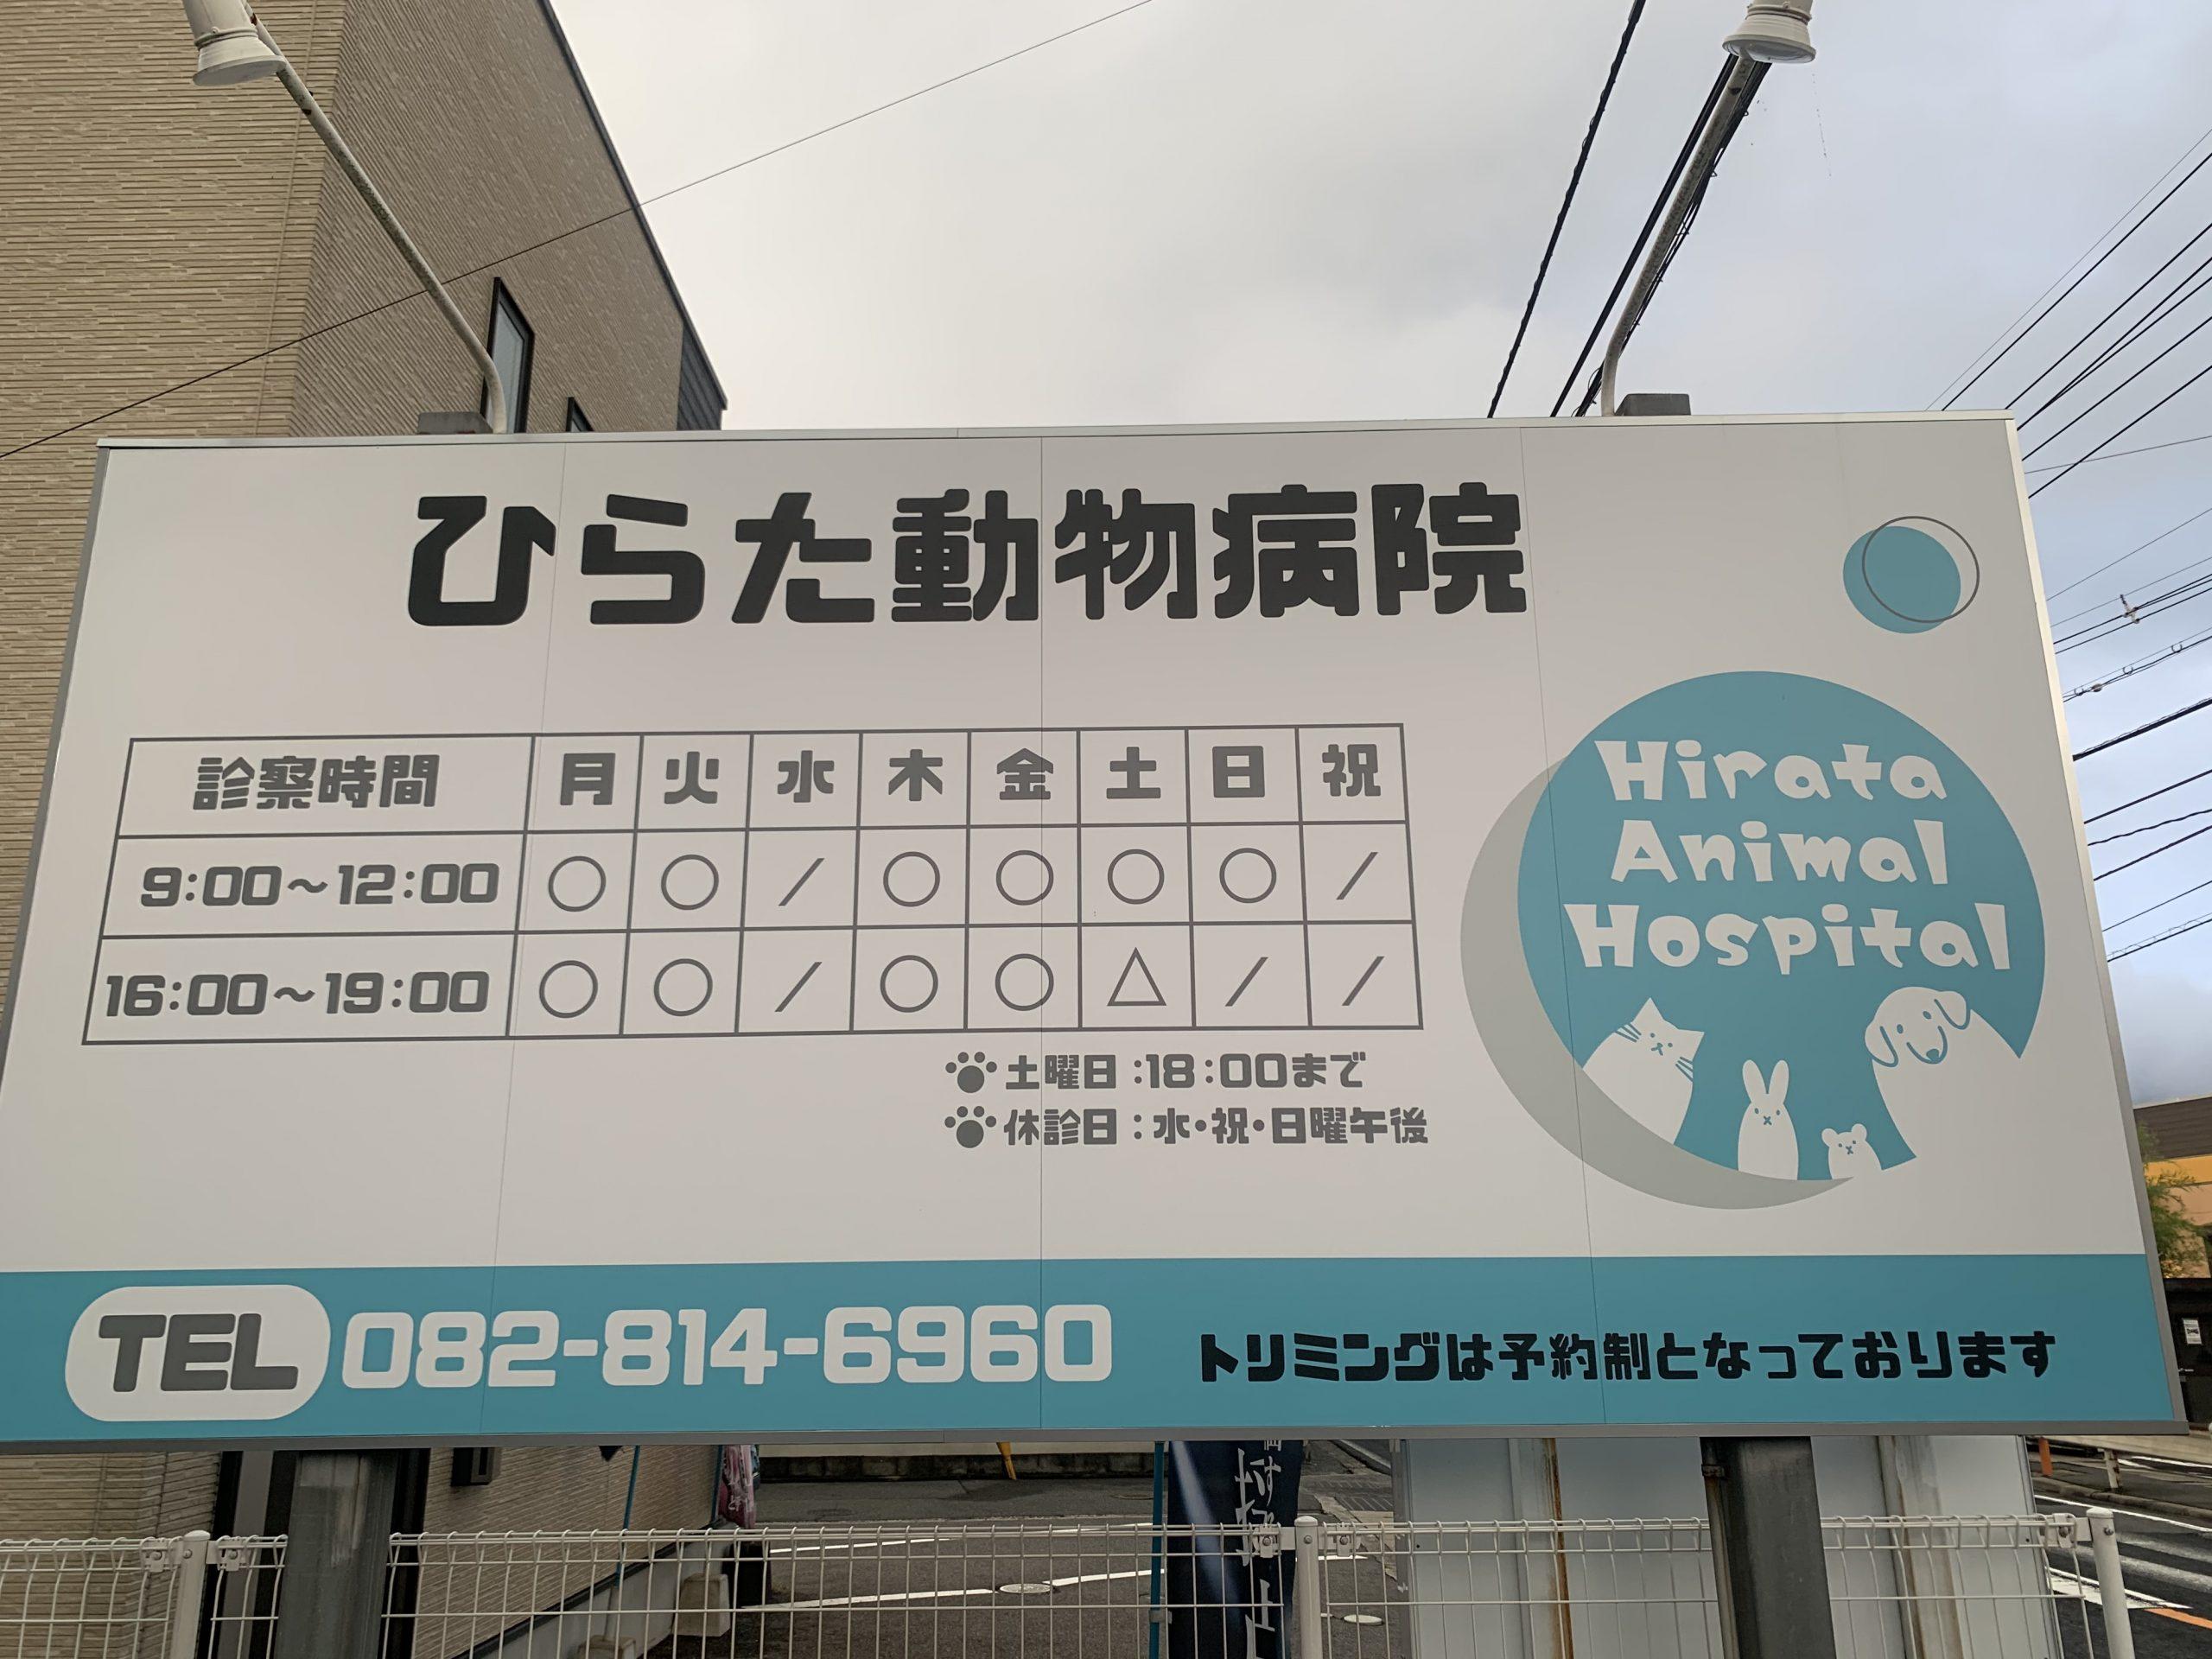 ひらた動物病院 時間 広島市安佐北区